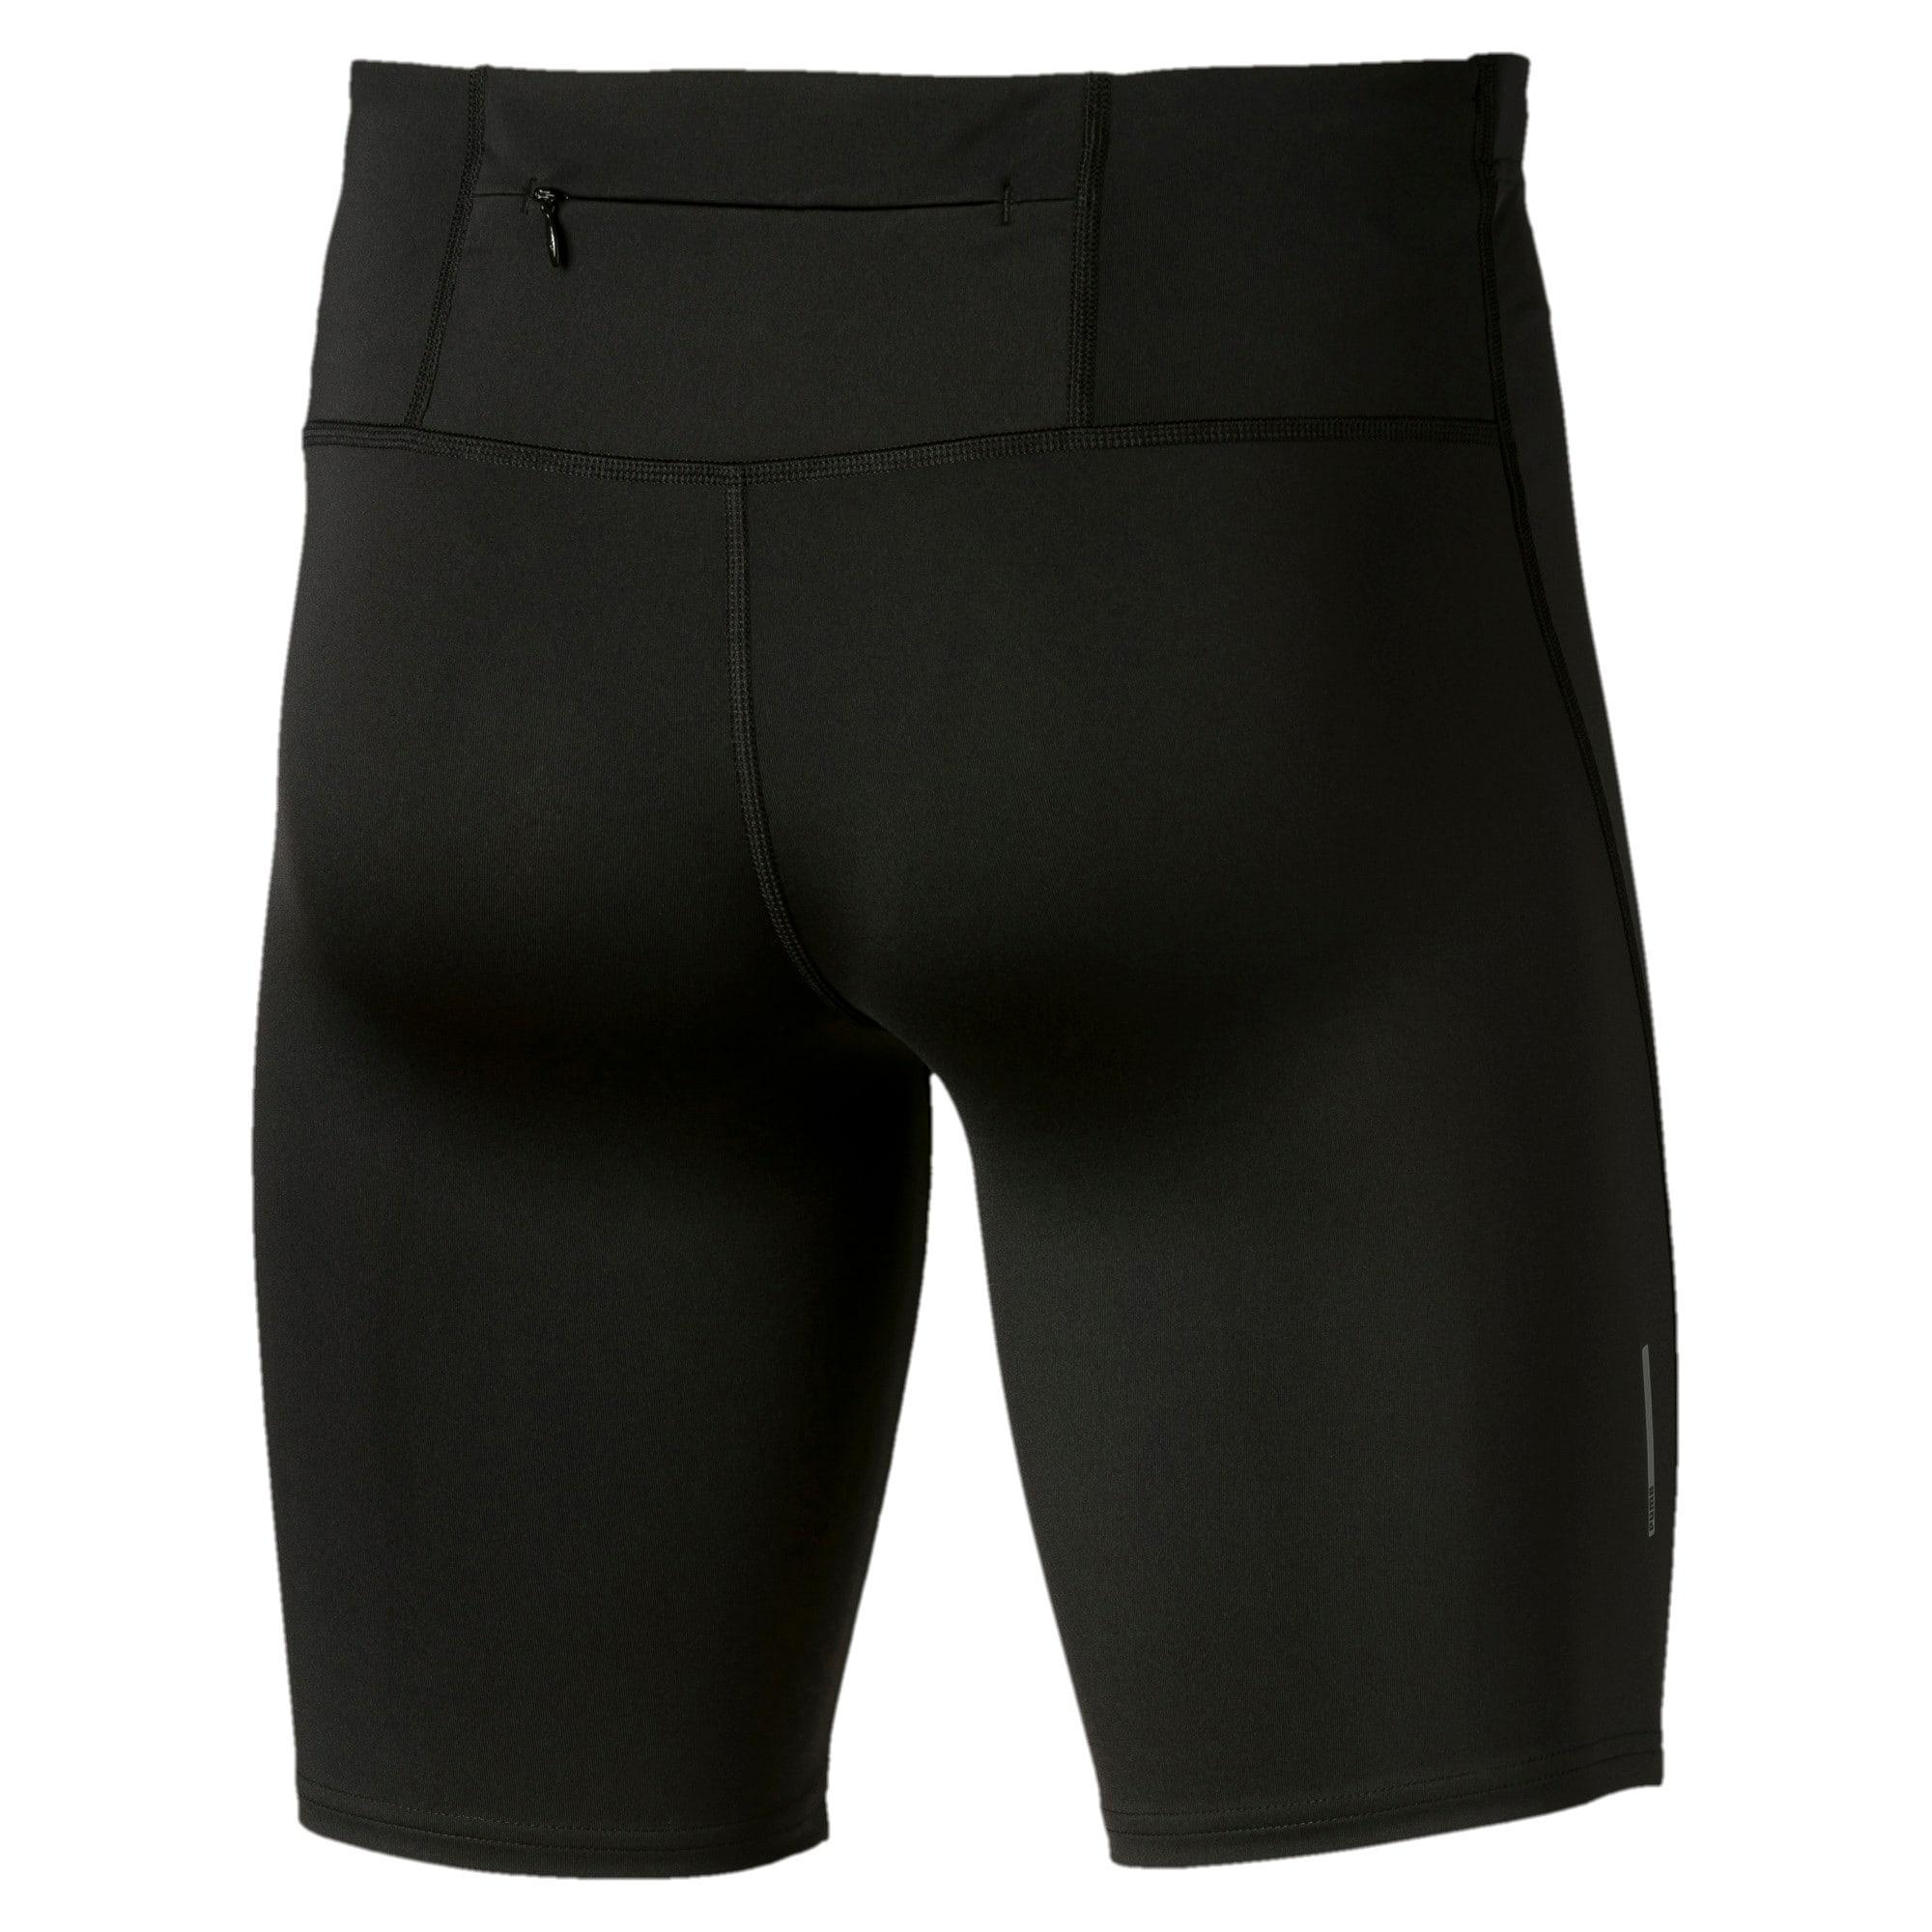 Thumbnail 5 of IGNITE Tight Men's Running Shorts, Puma Black, medium